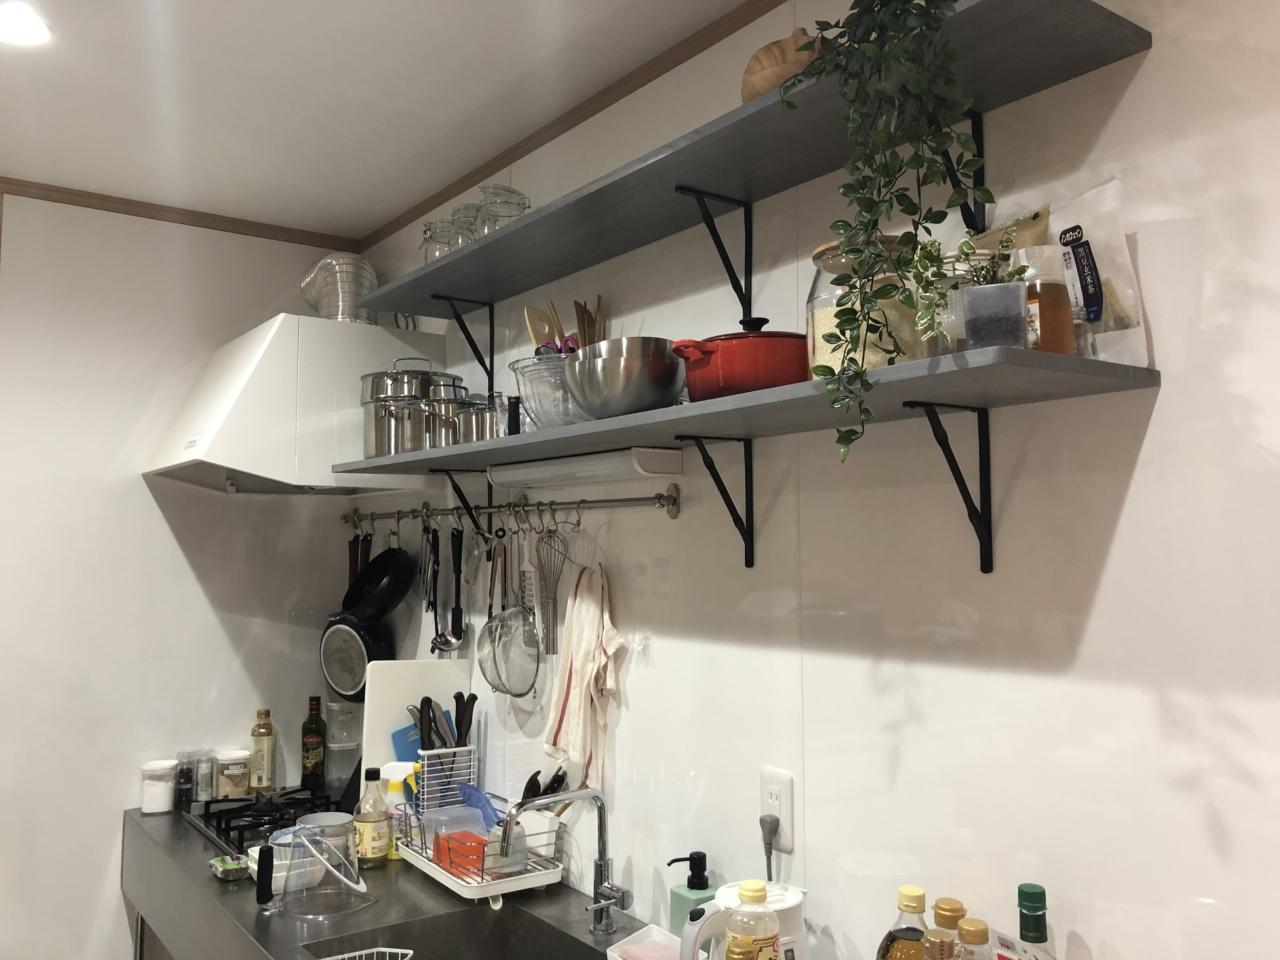 キッチン棚|つくばのフィットネス×料理教室のお店/マンマビレッジ